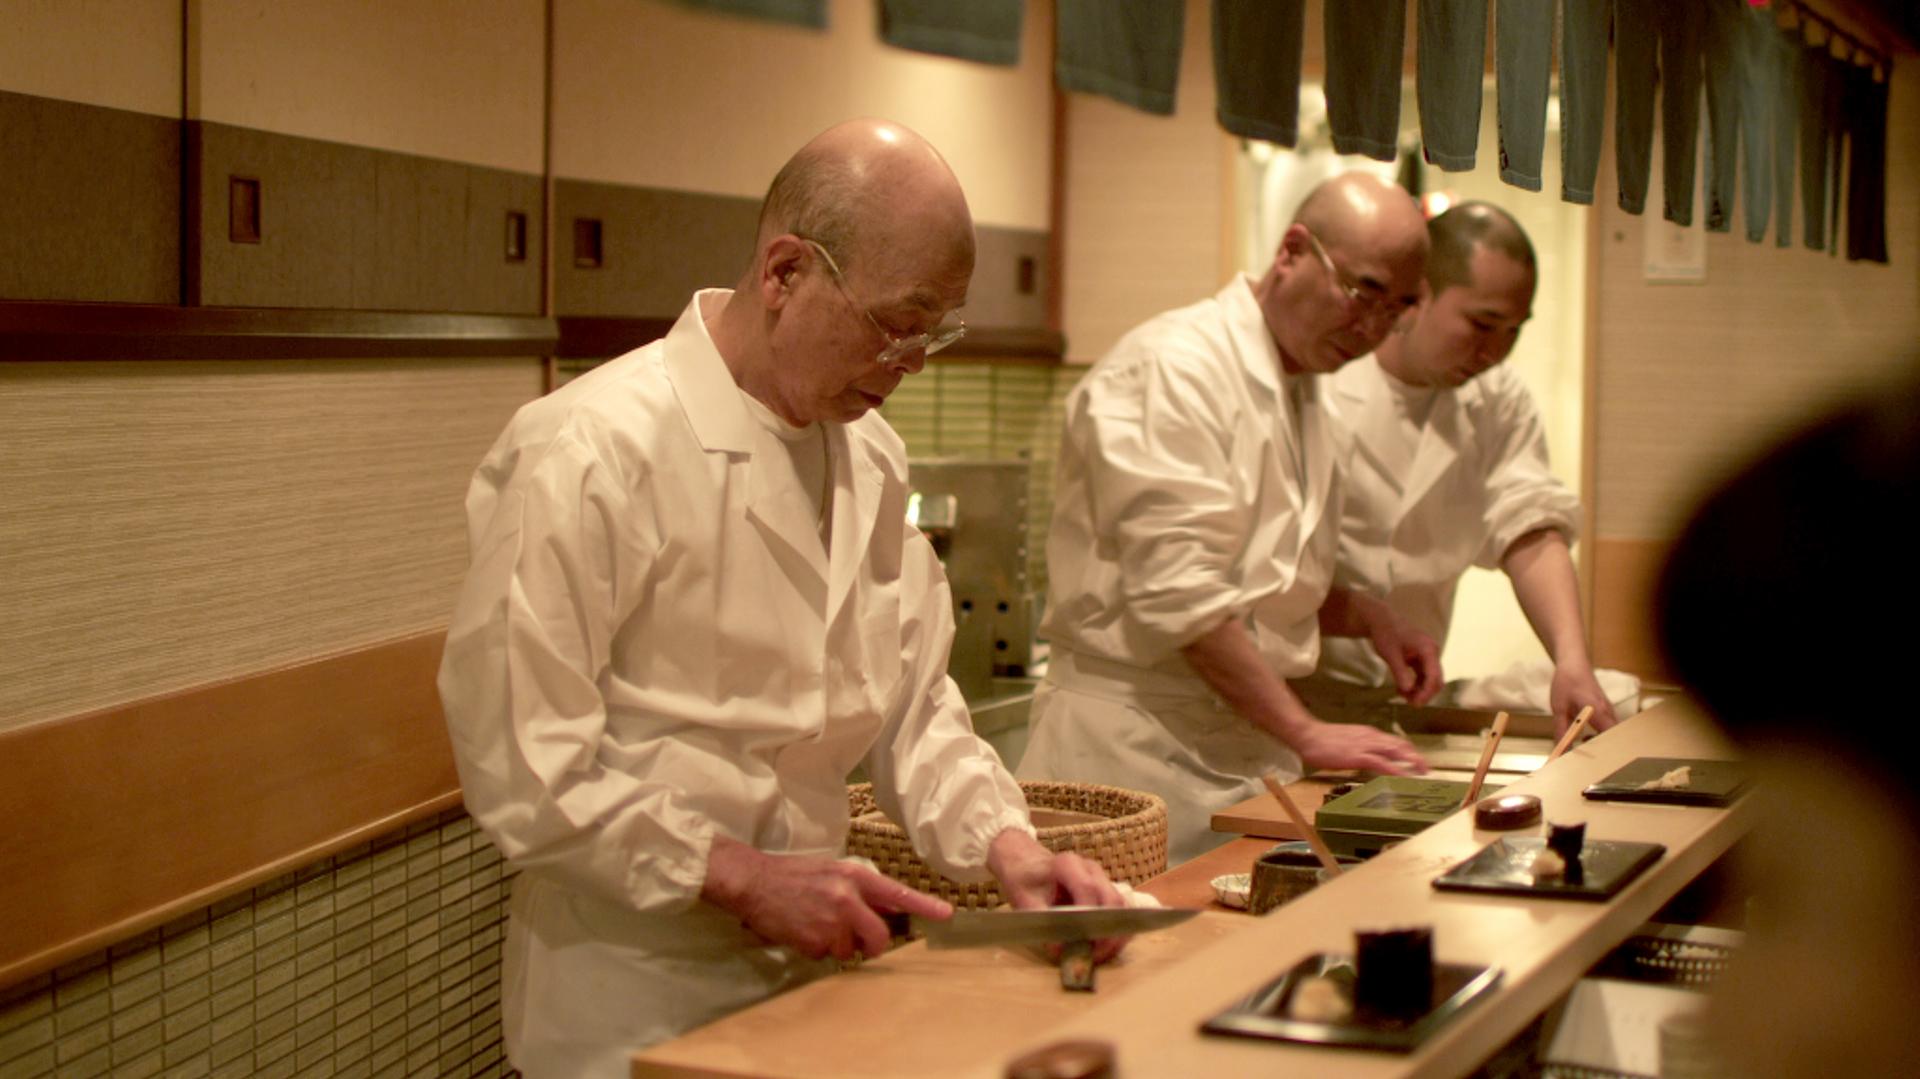 Jiro Ono, 85, and apprentices